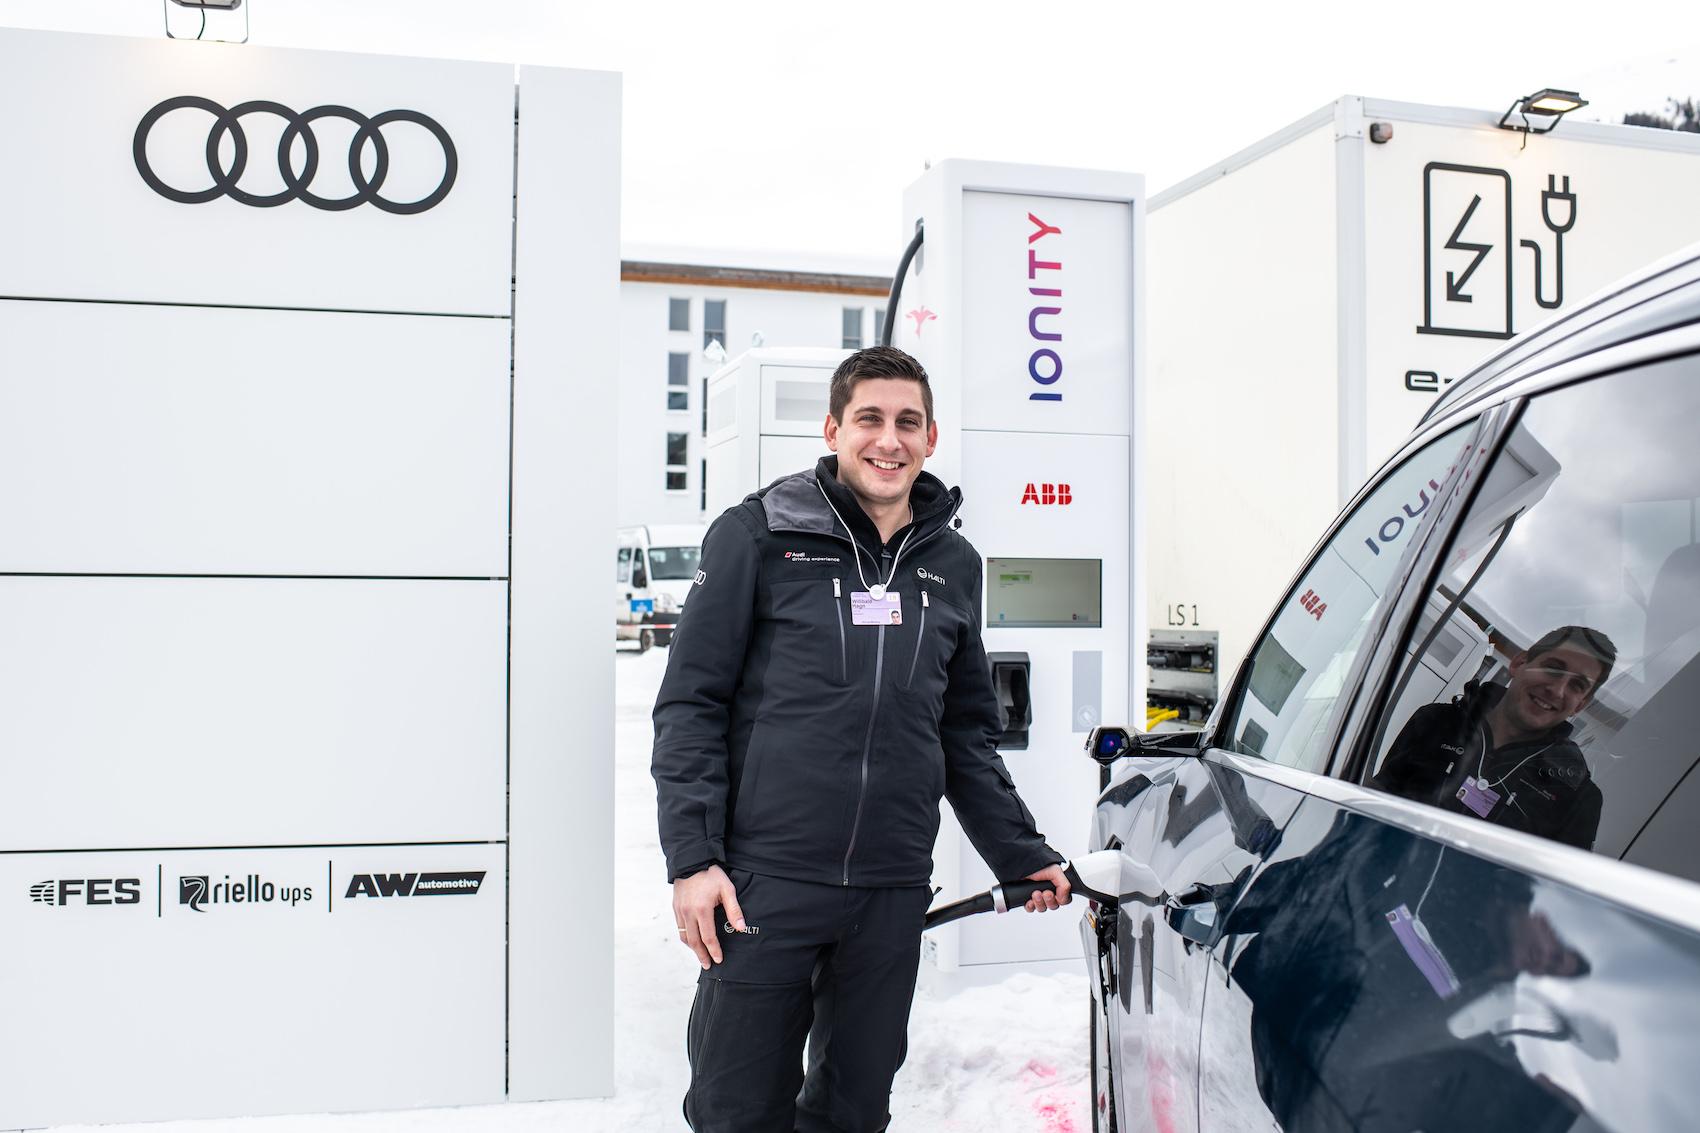 Willibald Hagn, Driving Experience Manager, mostra quanto sia facile effettuare una ricarica. (Foto: Adrian Bretscher.)